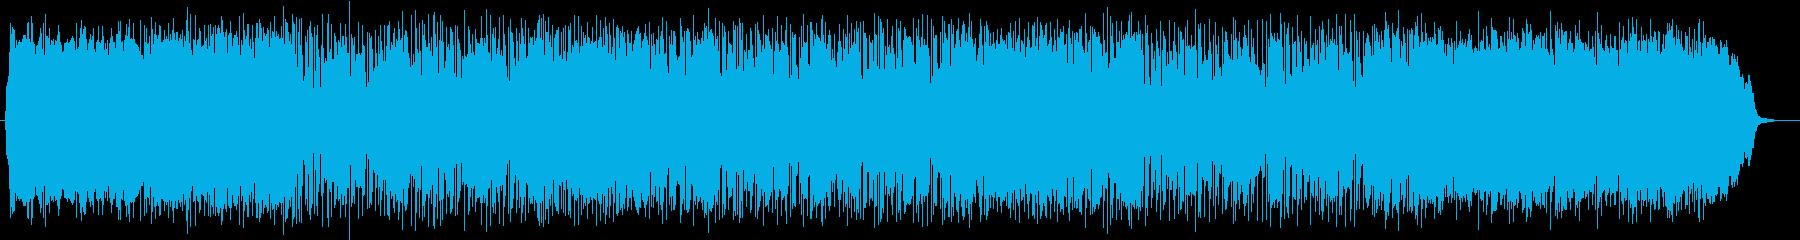 爽やかで明るい軽快なポップサウンドの再生済みの波形